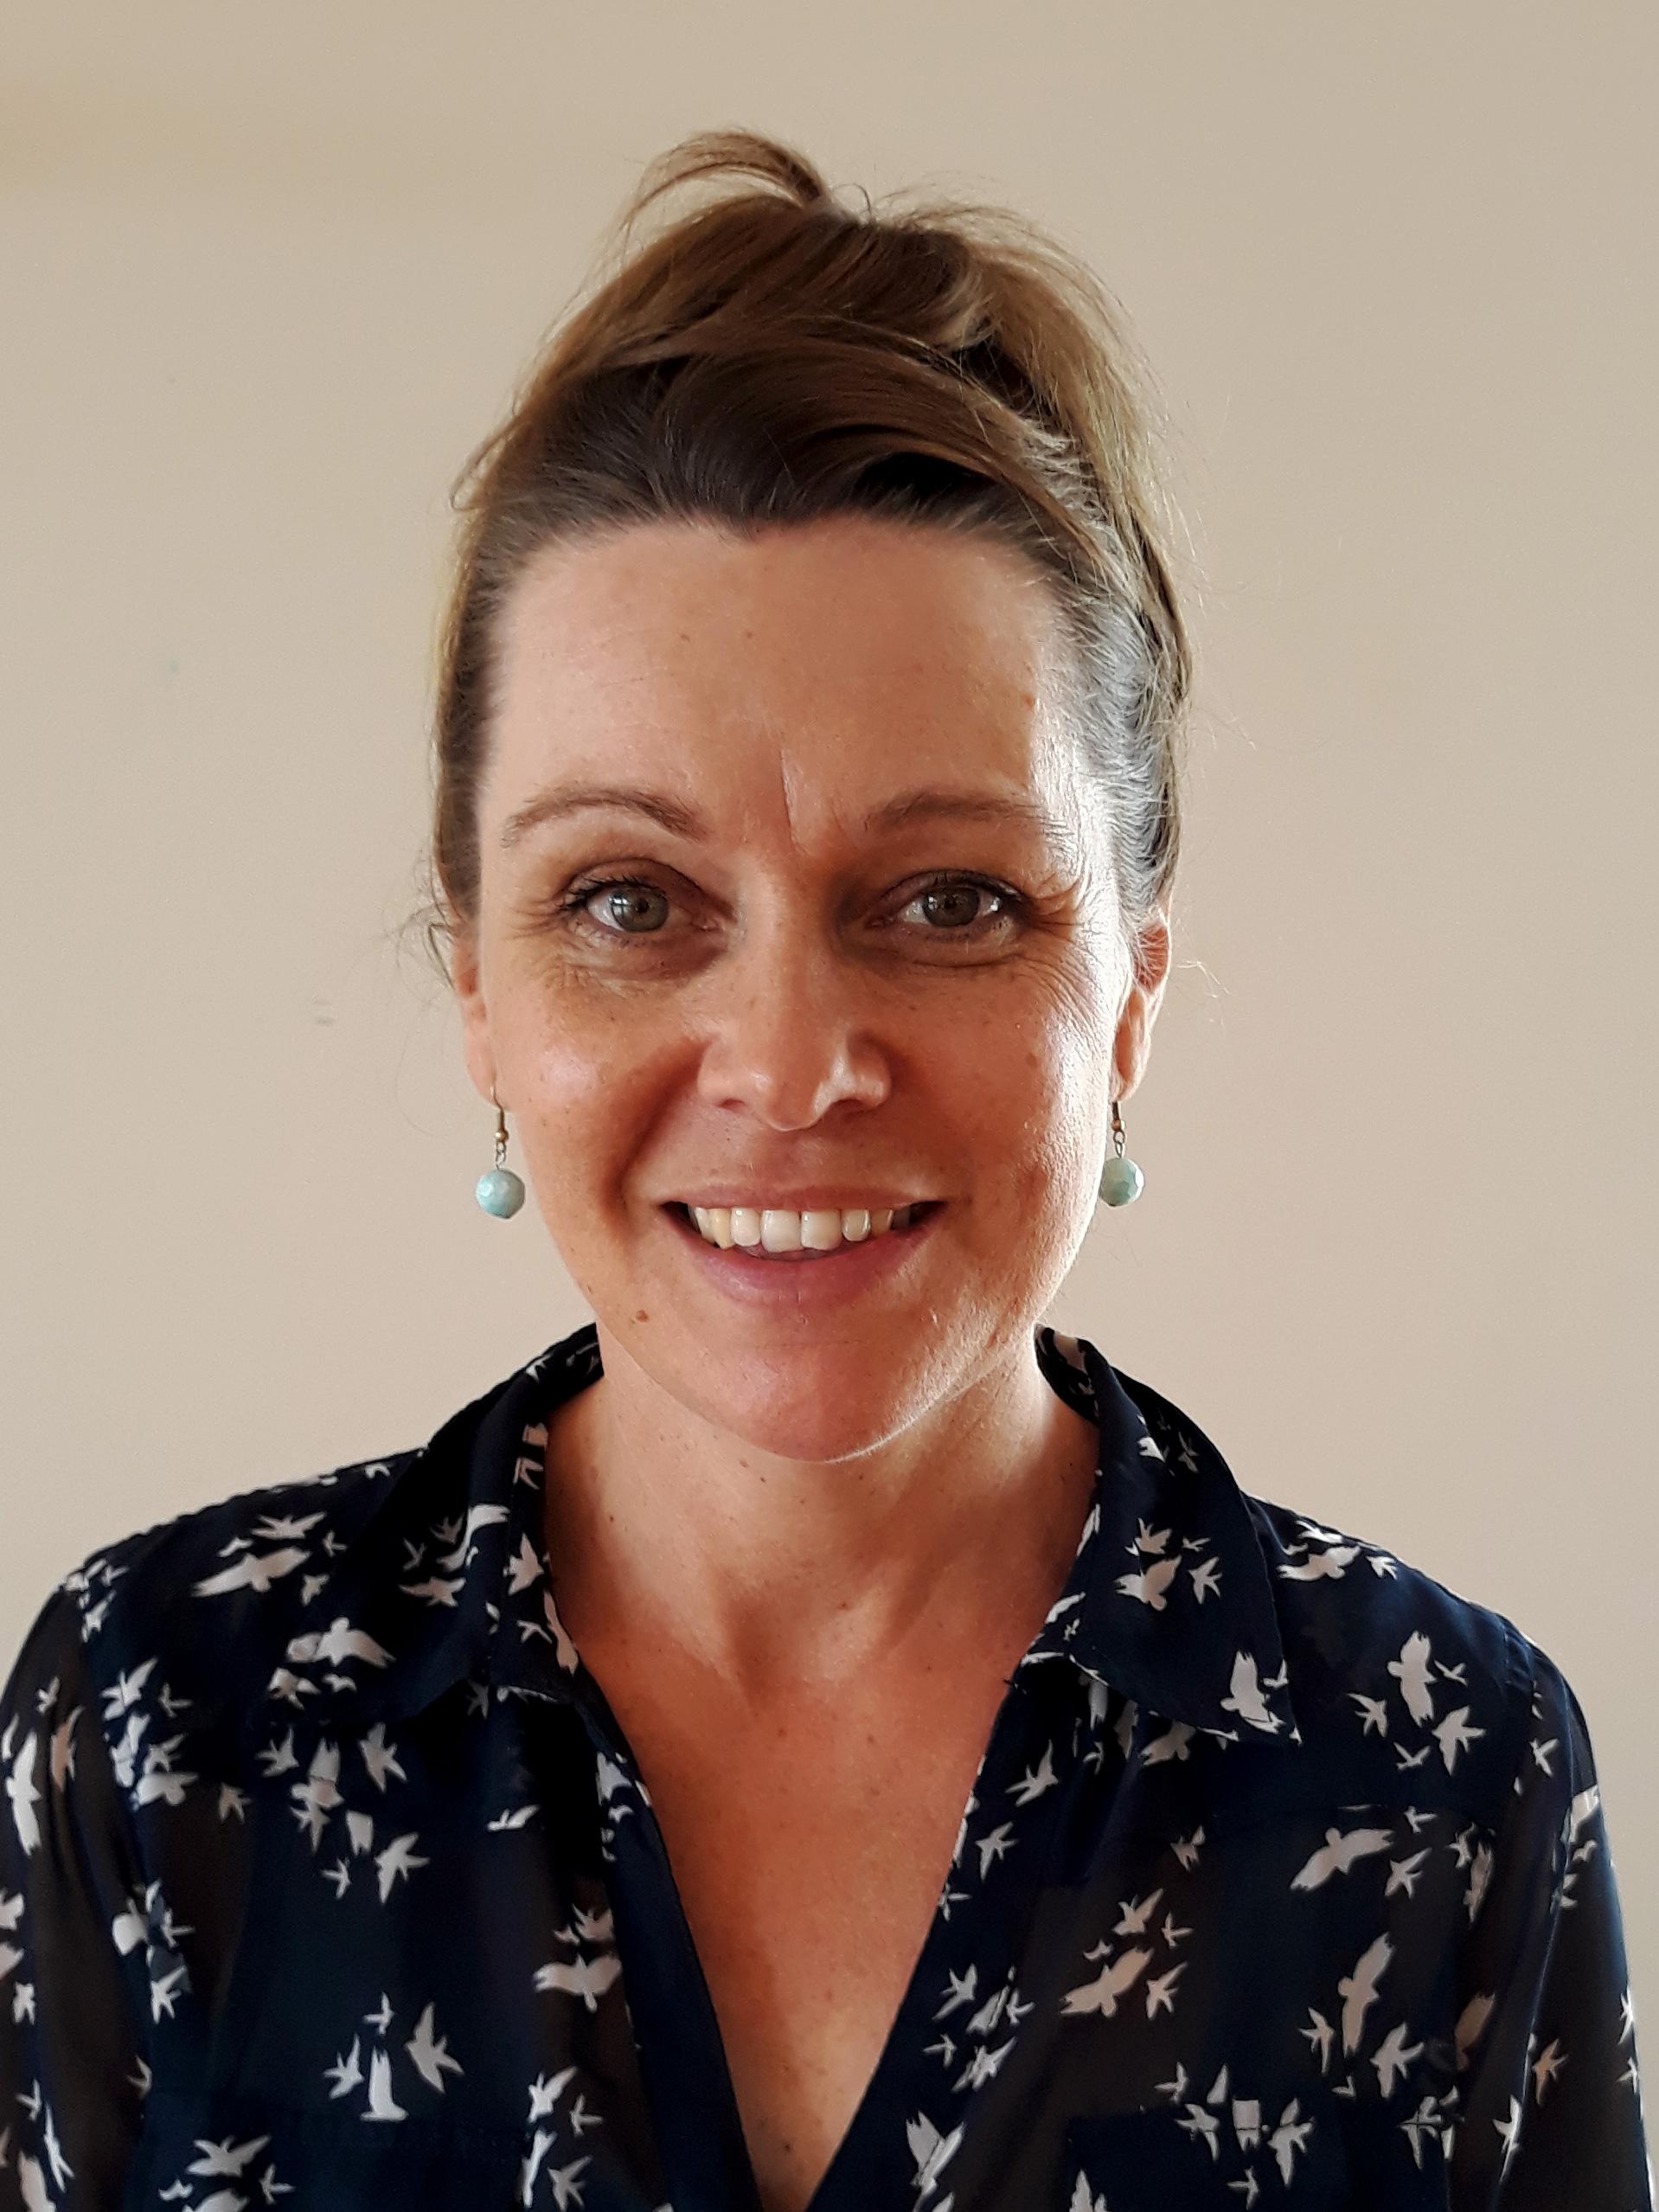 Janelle Wilkey